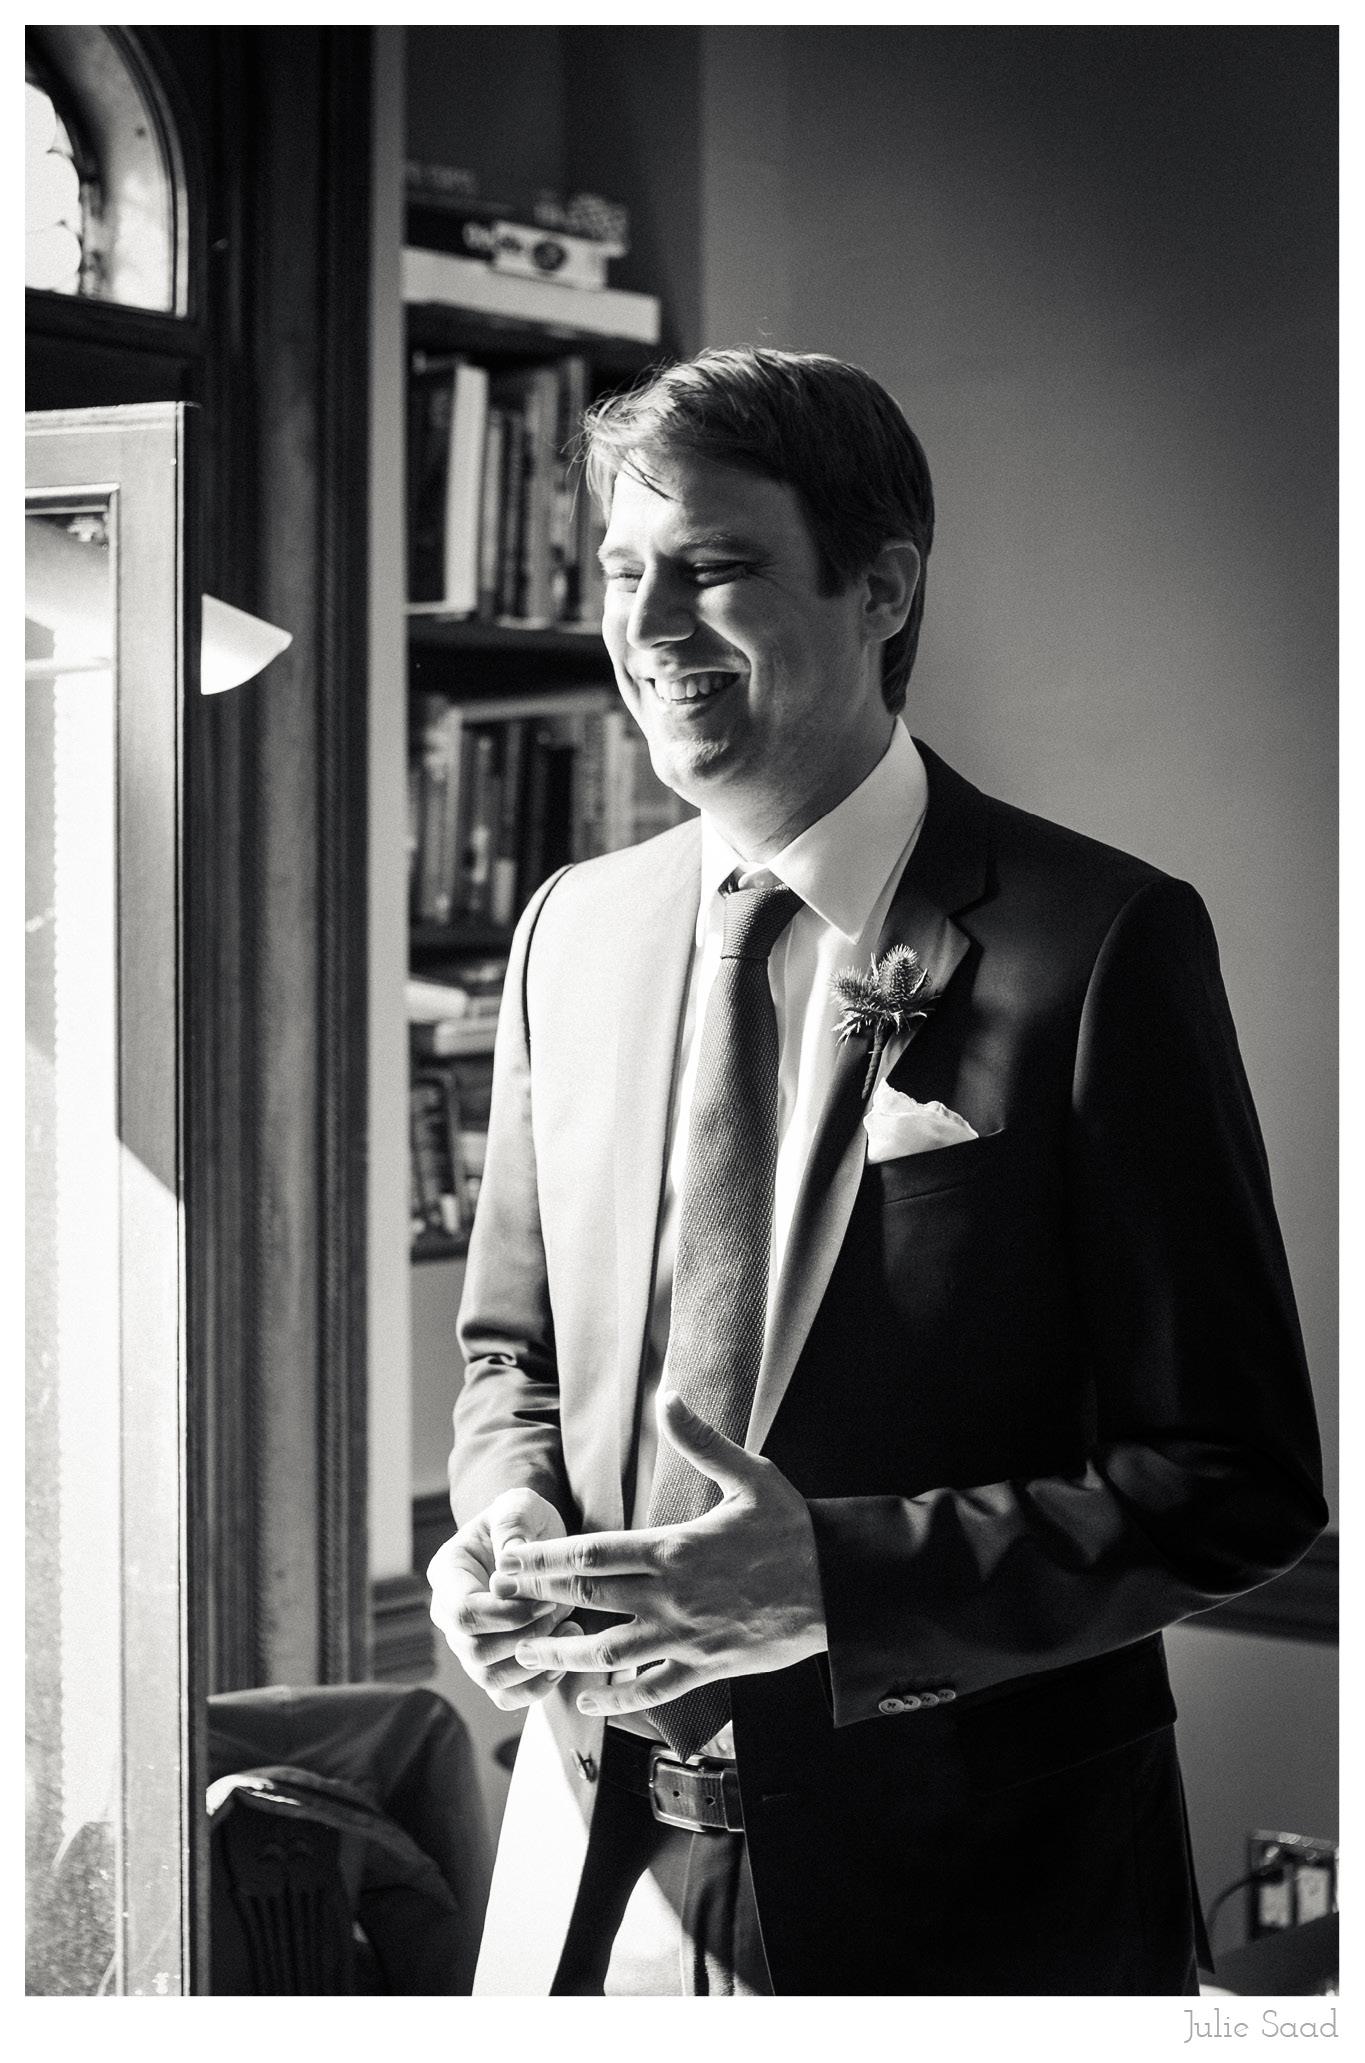 montauk-club-wedding-photographer-brooklyn-saad7.jpg